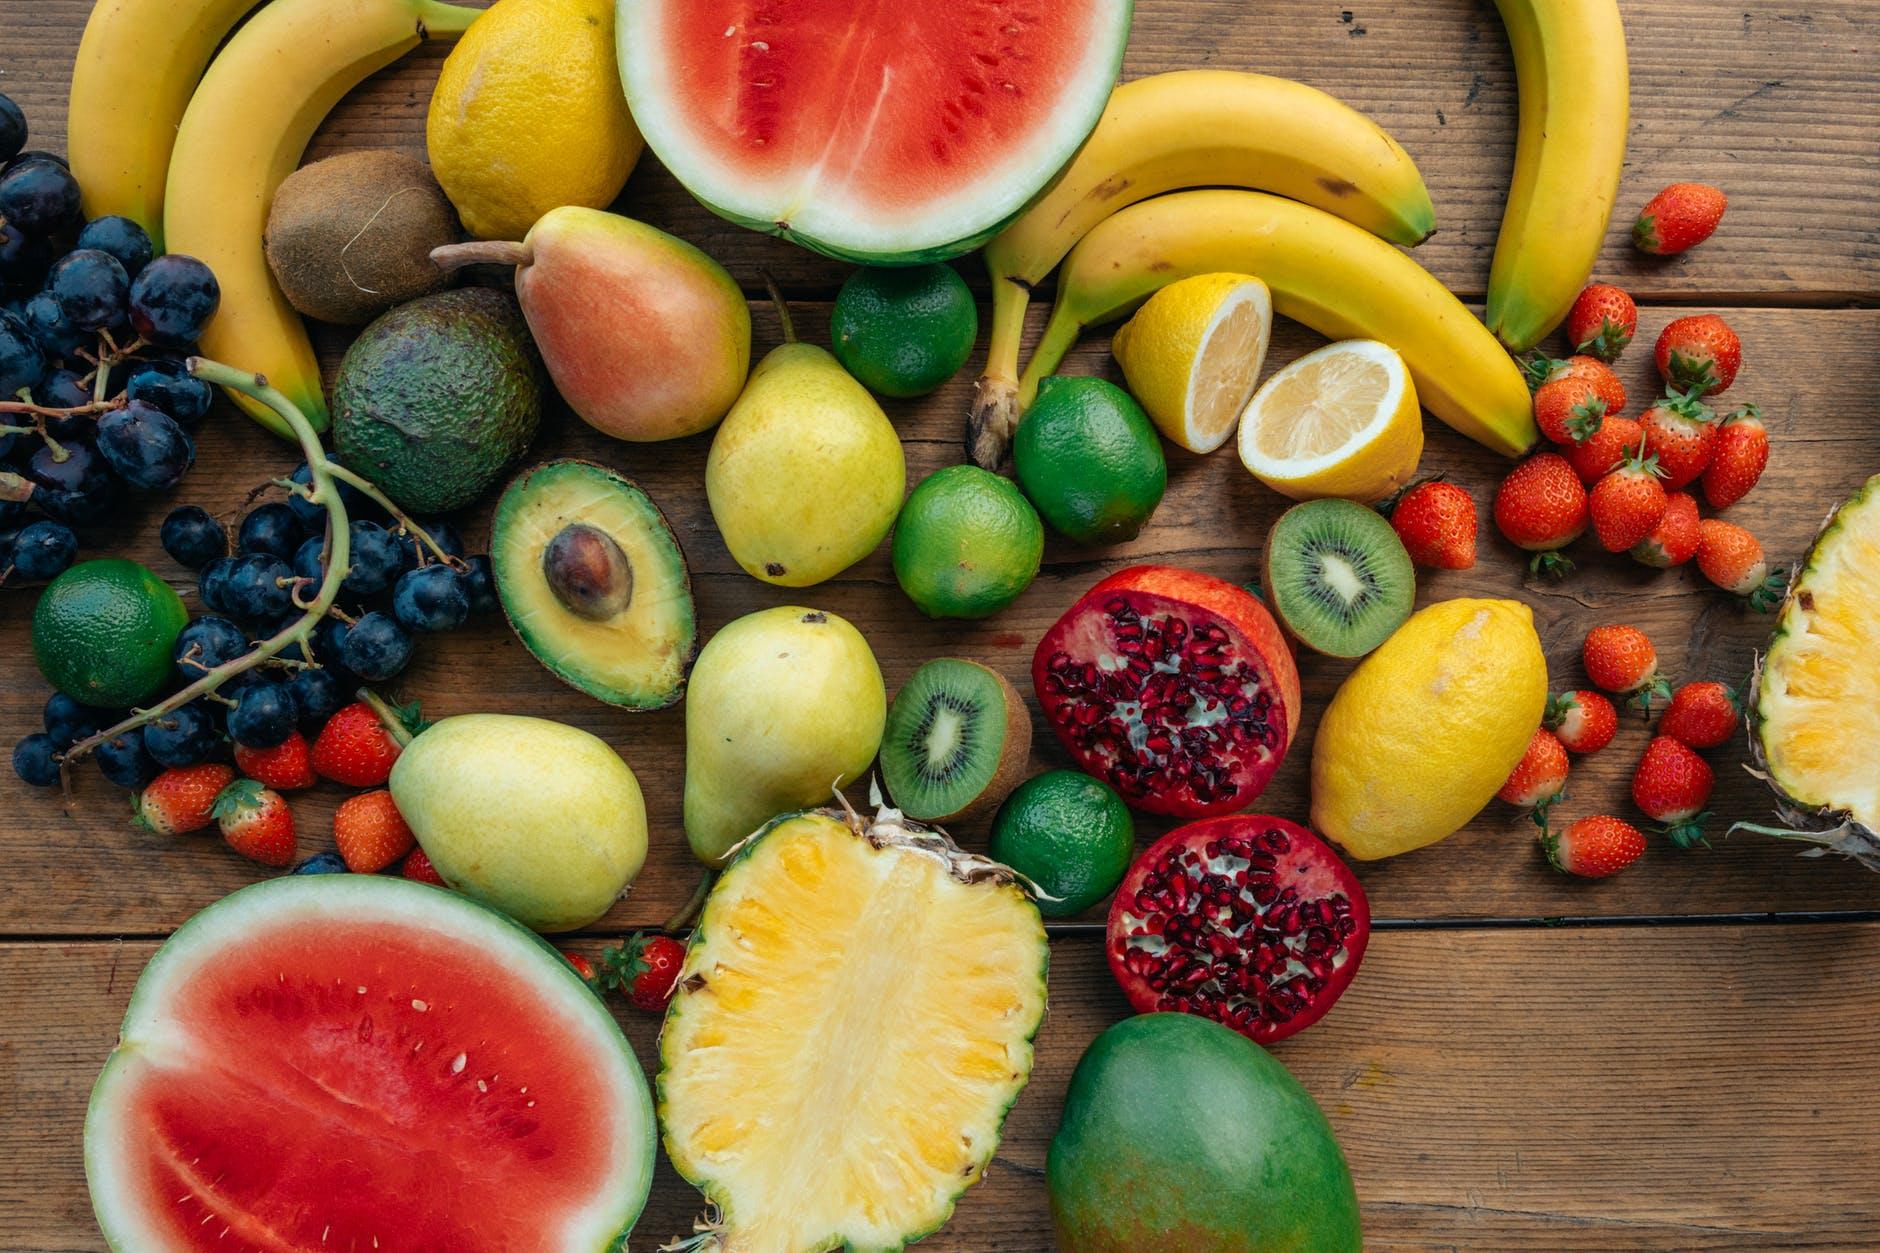 Macam - Macam Buah Yang Mengandung Vitamin C